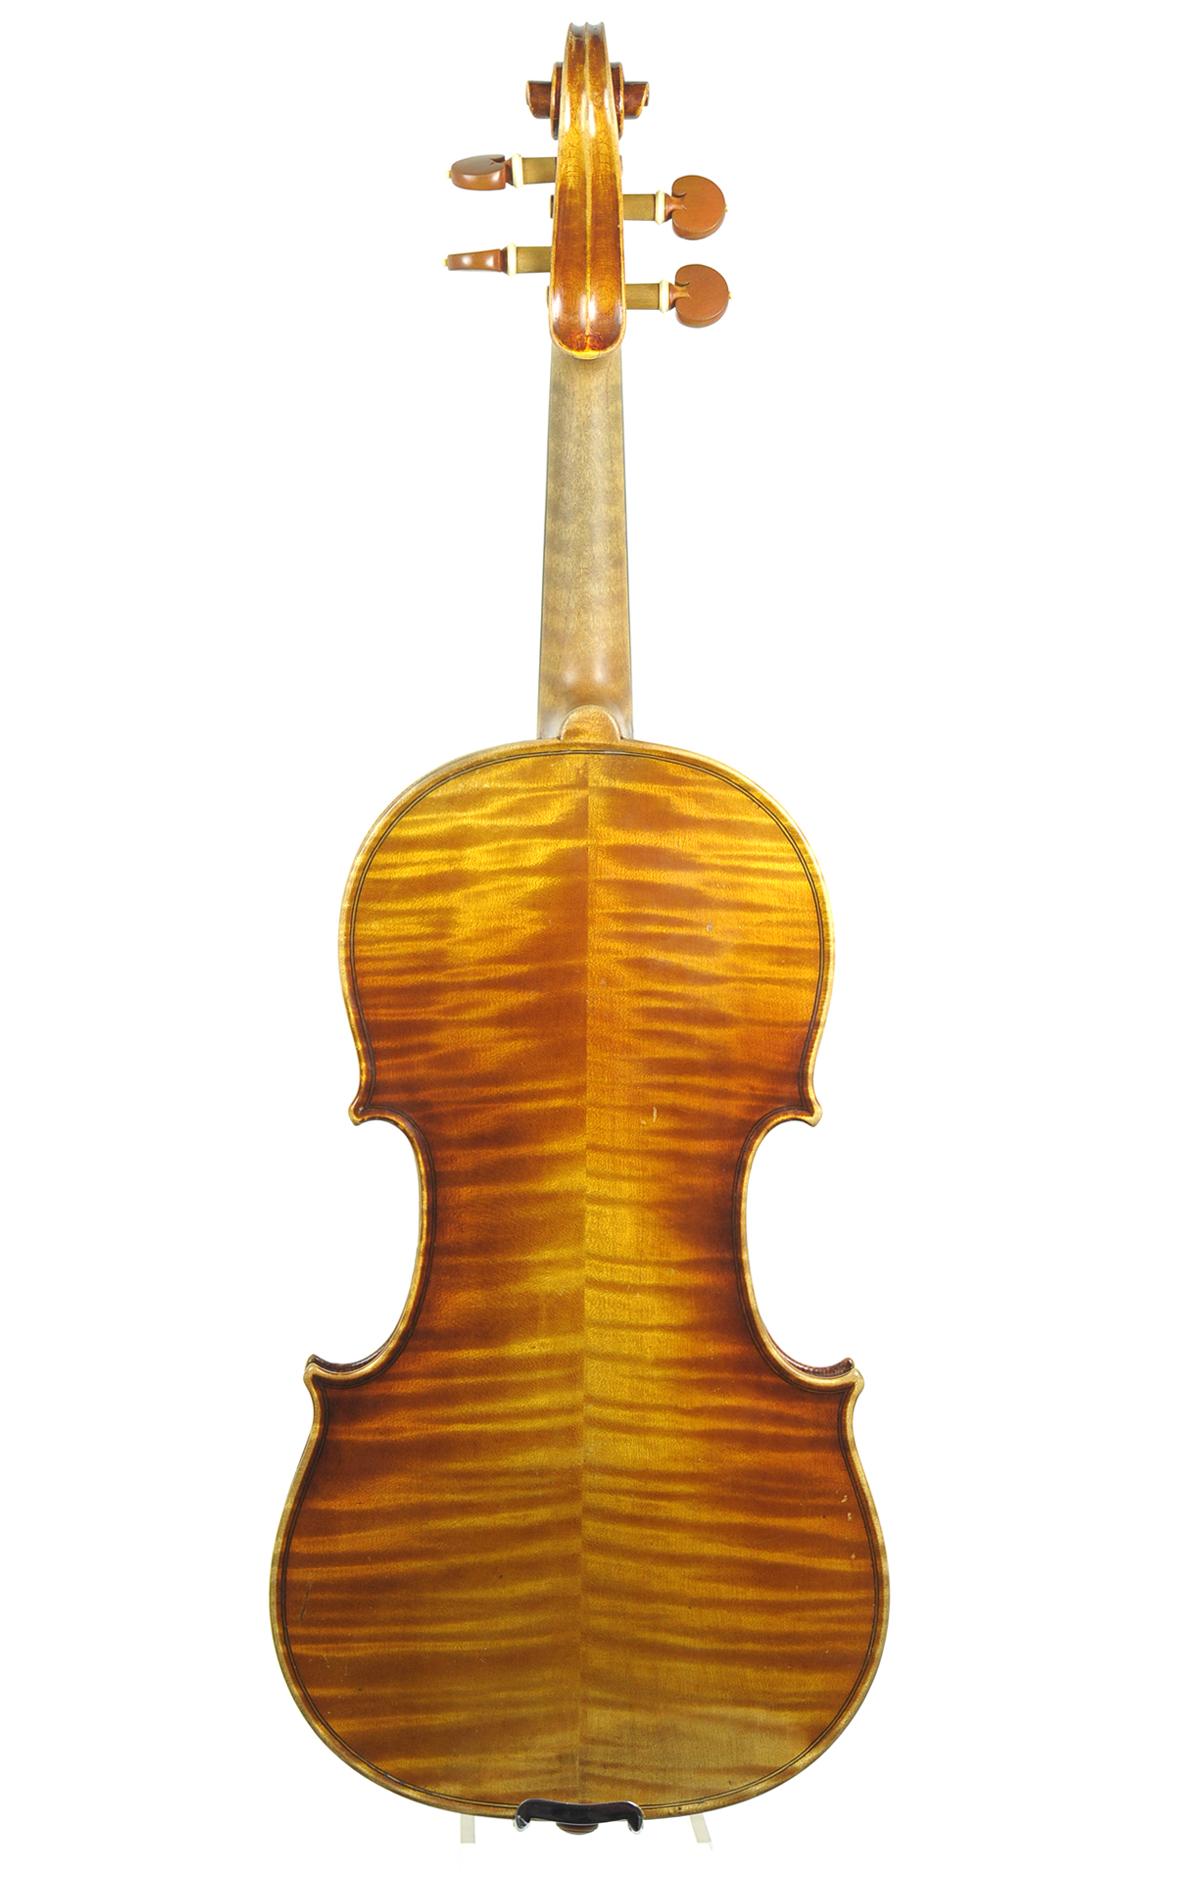 Antique Mittenwald violin, Neuner & Hornsteiner, 1912 ... Hornsteiner Violins Value